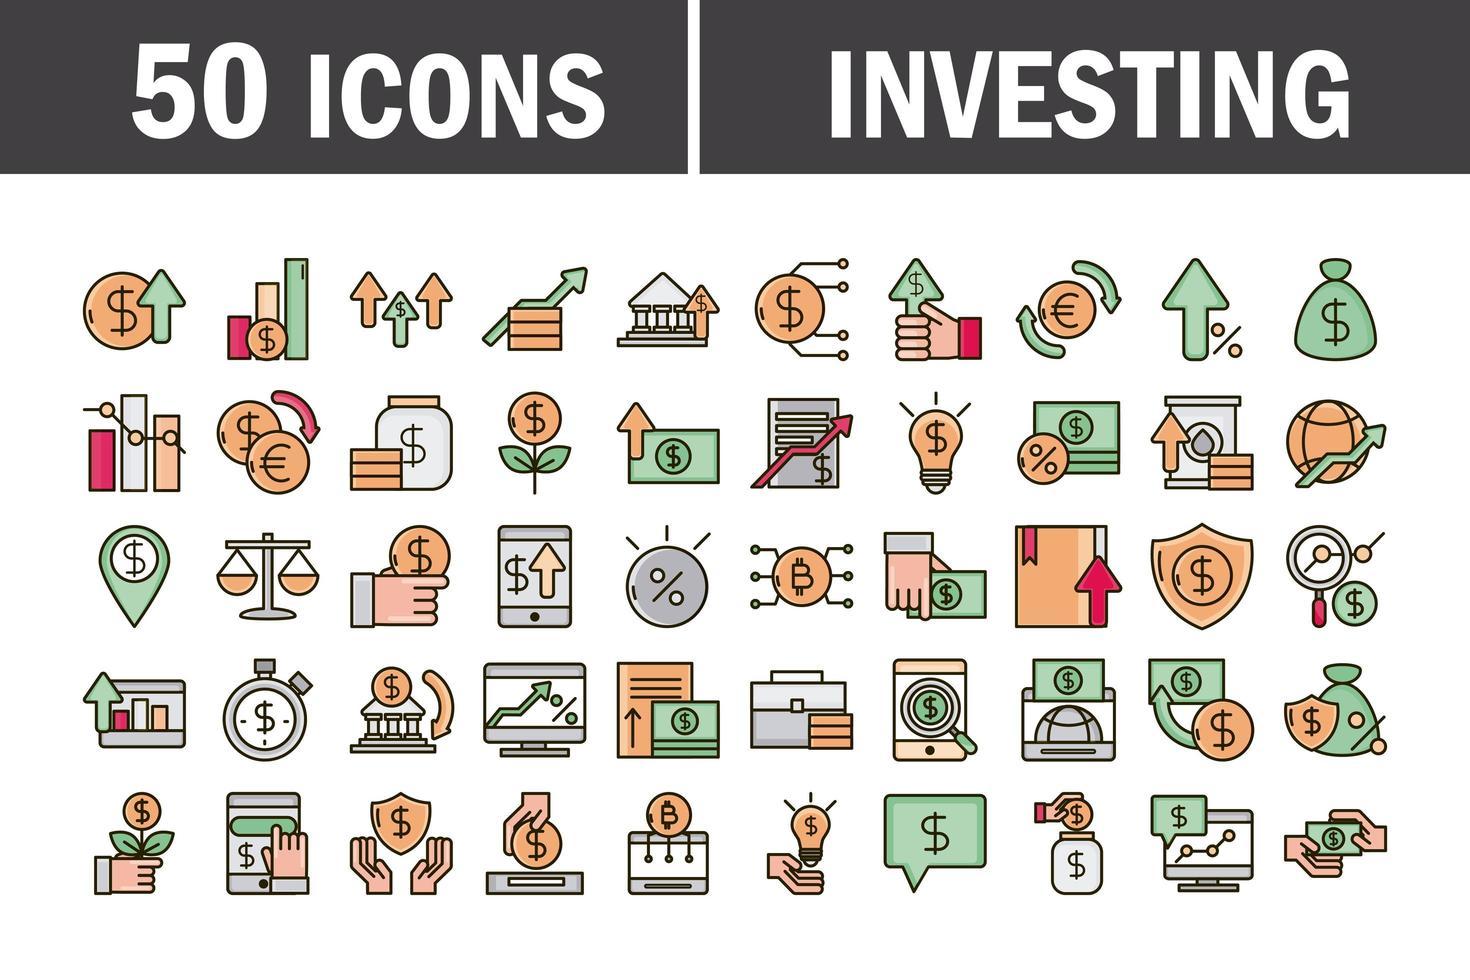 línea de negocio de economía e inversión y paquete de iconos de color de relleno vector